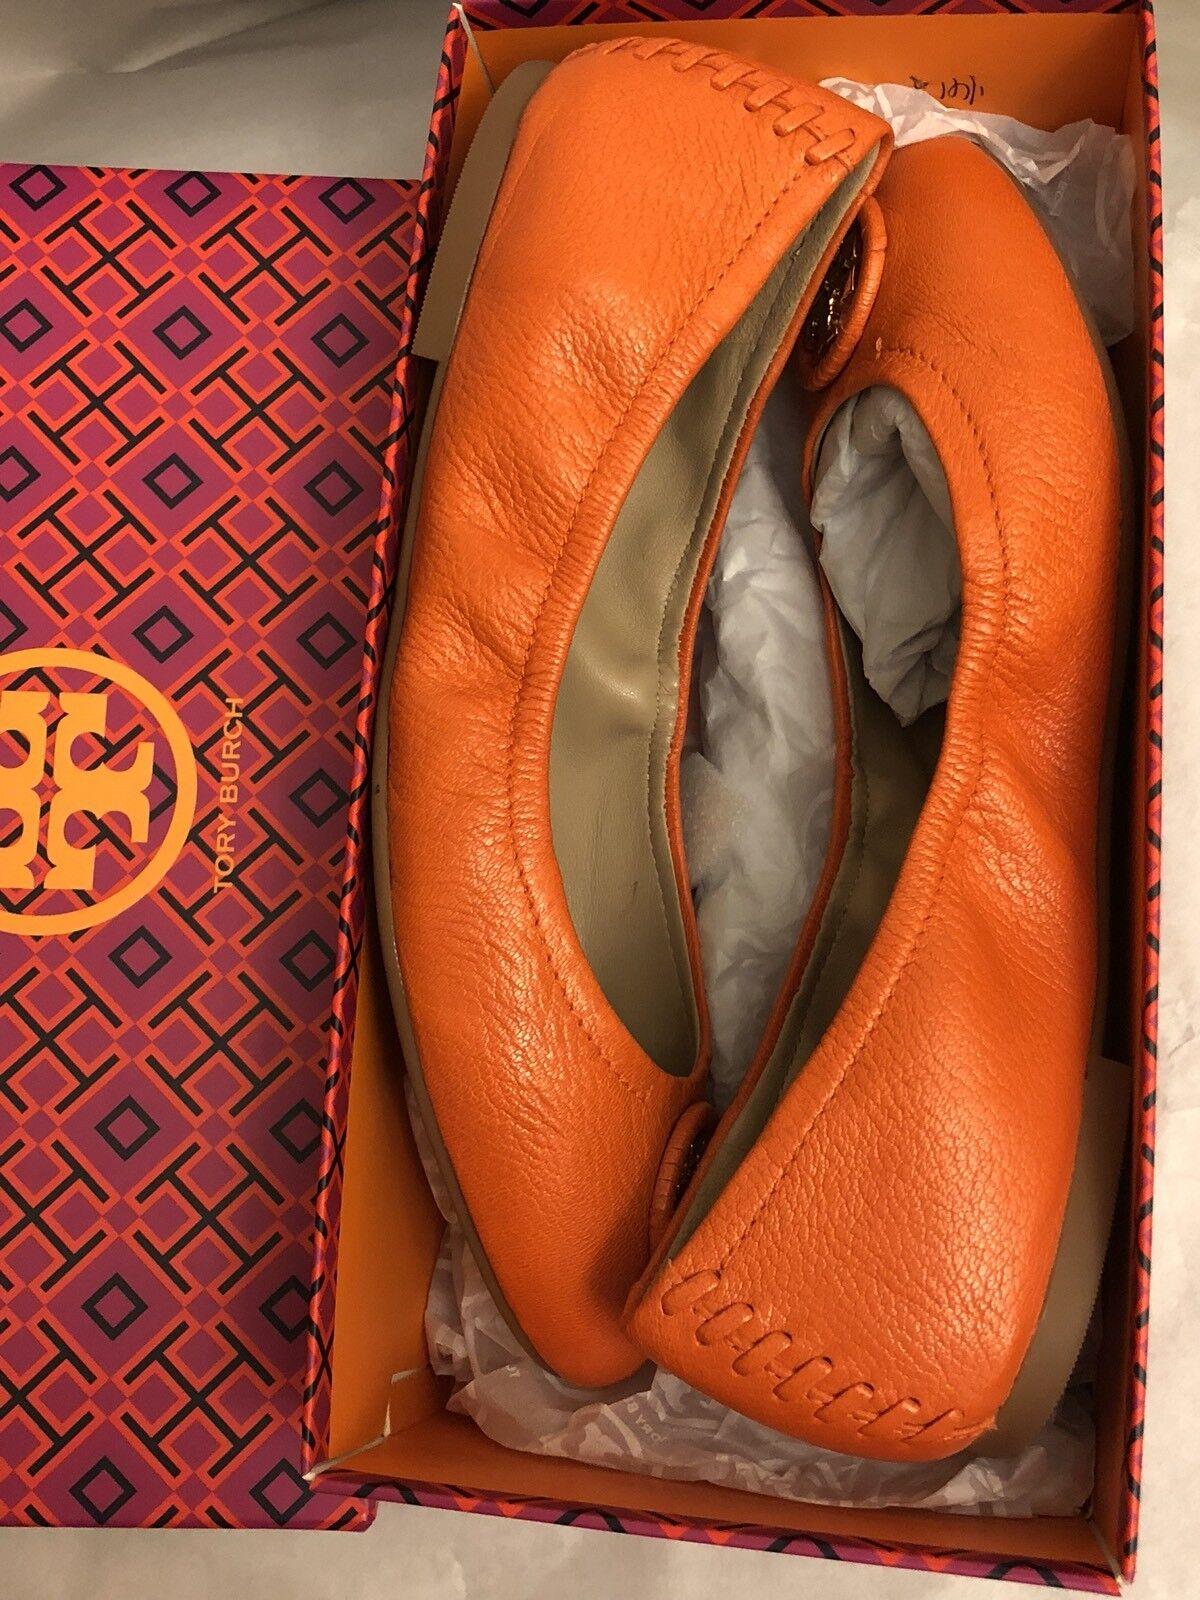 Tory Burch Allie Wrapped Logo Ballet Flats shoes Mango orange orange orange Size 8 be8925